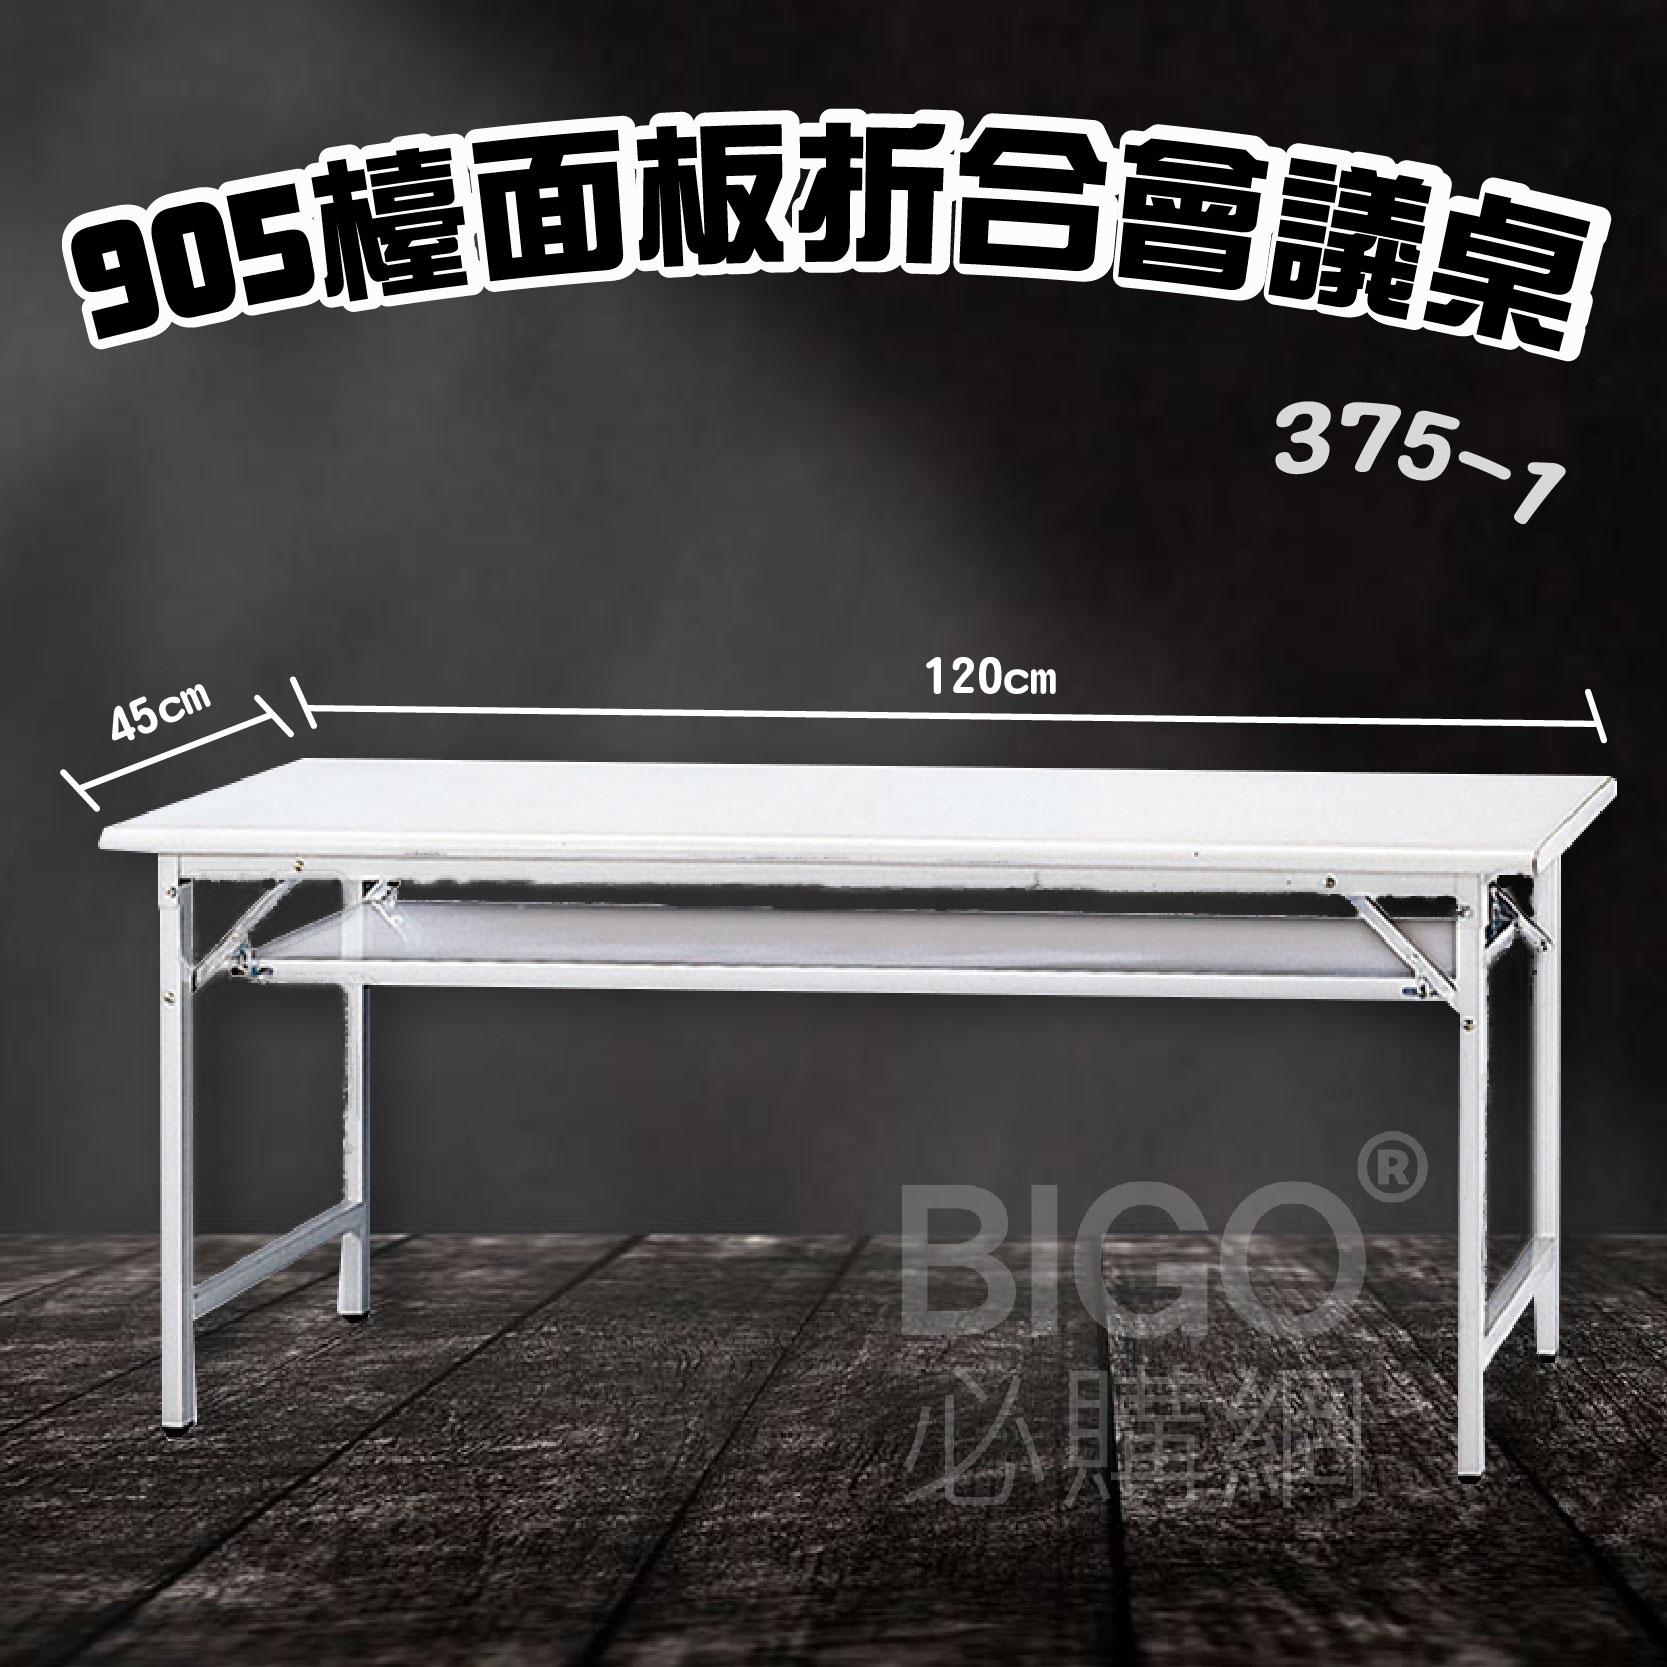 簡單 實用 905檯面板折合 會議桌 375-1 辦公桌 大桌面 公司 開會 可收合 辦公室 活動桌 電腦桌 學校